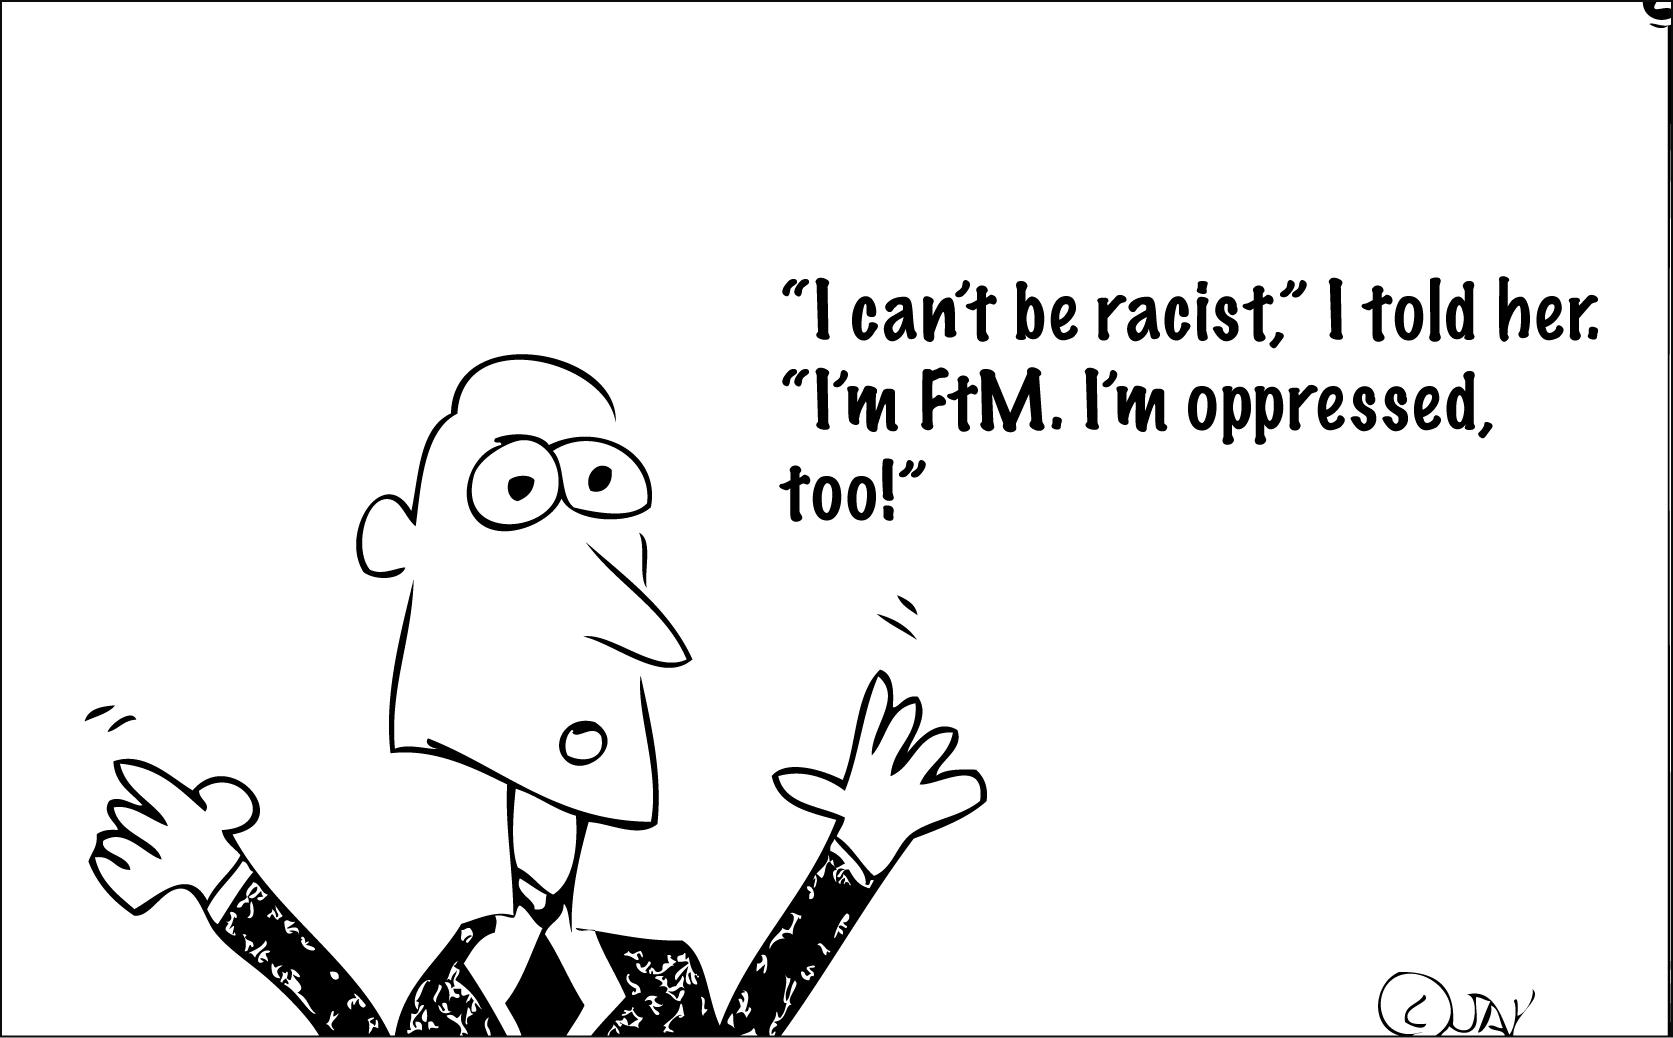 I'm oppressed too